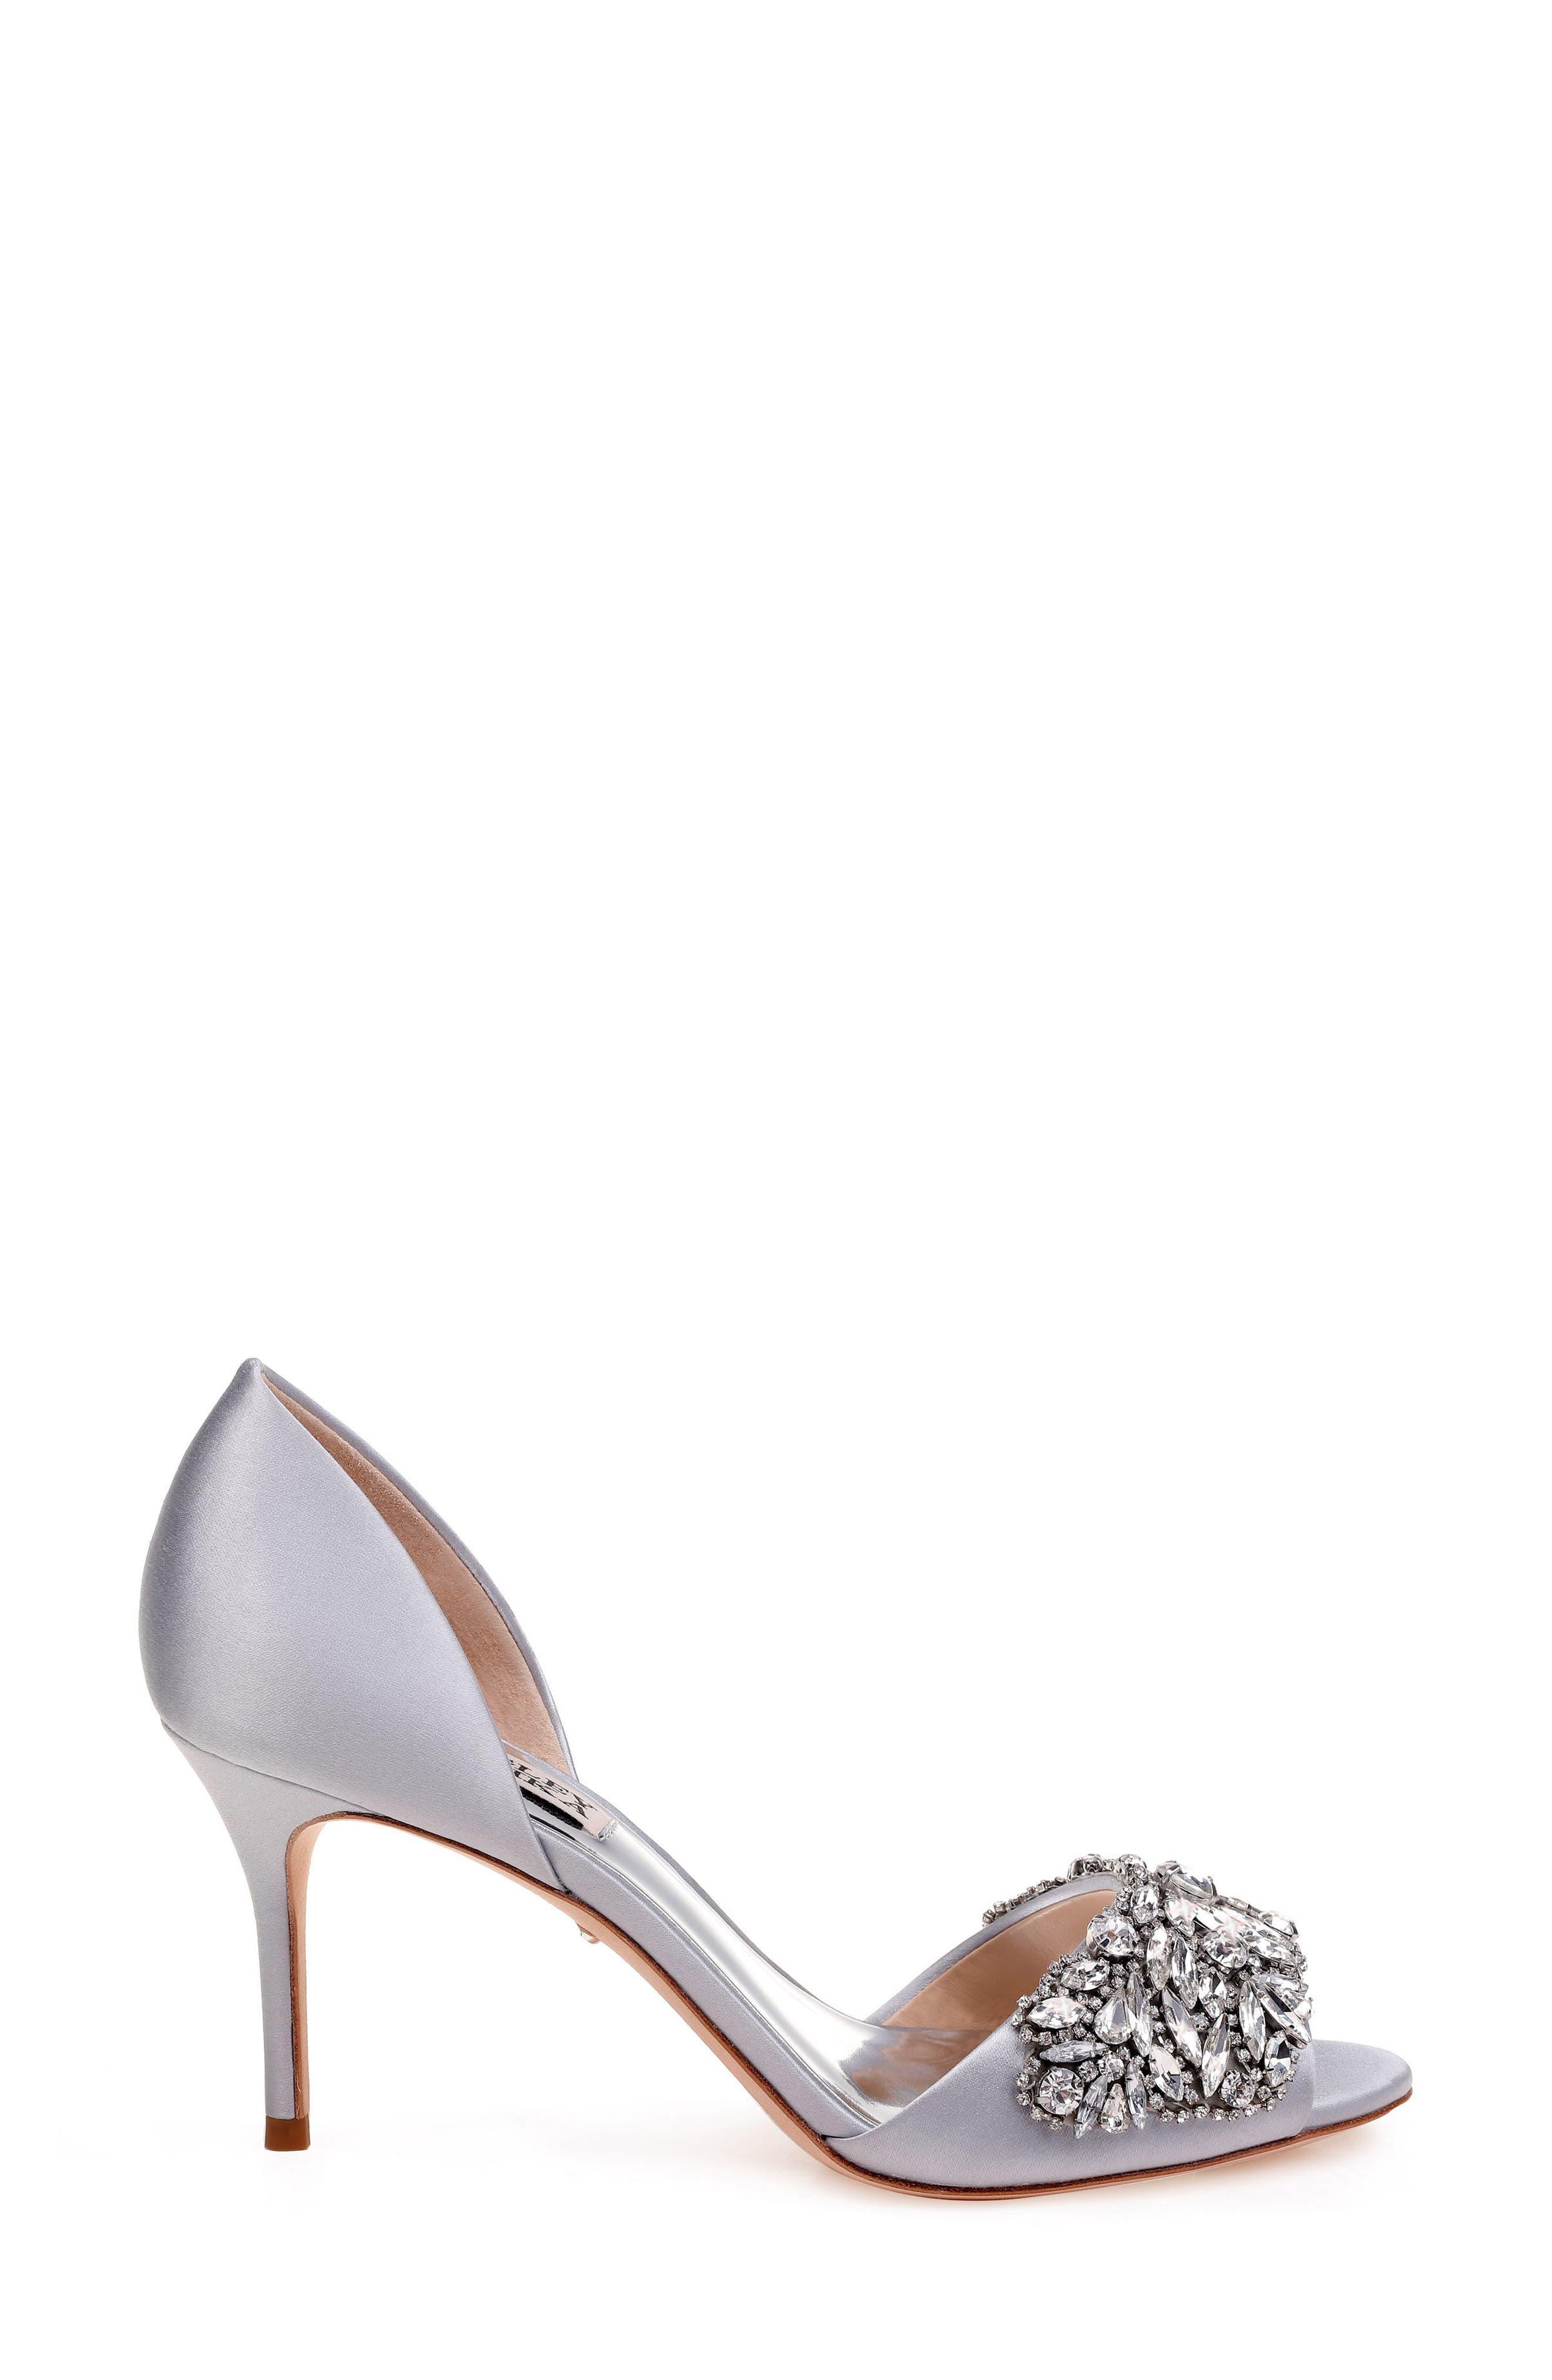 Hansen Crystal Embellished Sandal,                             Alternate thumbnail 3, color,                             Silver Satin